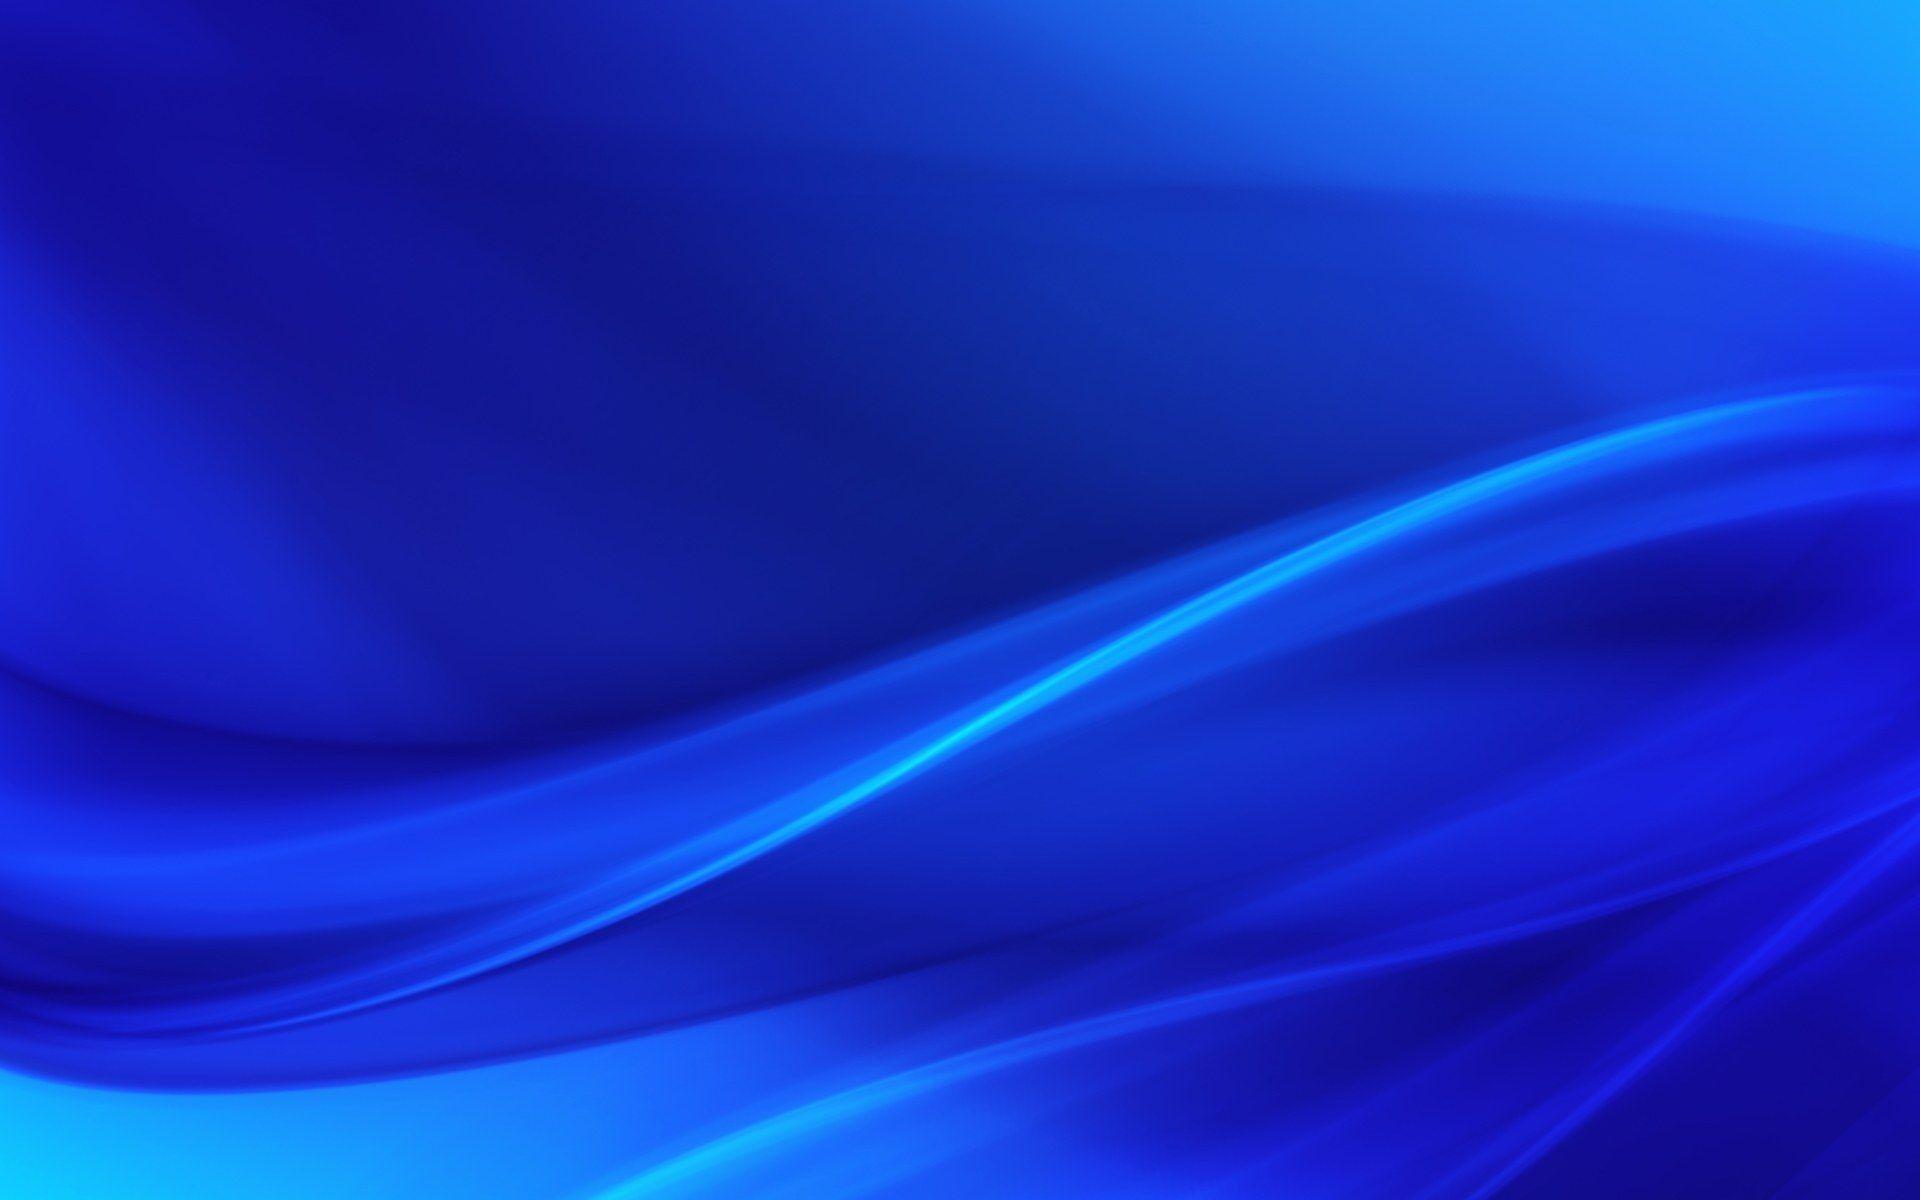 Hình nền nền xanh 1920x1200